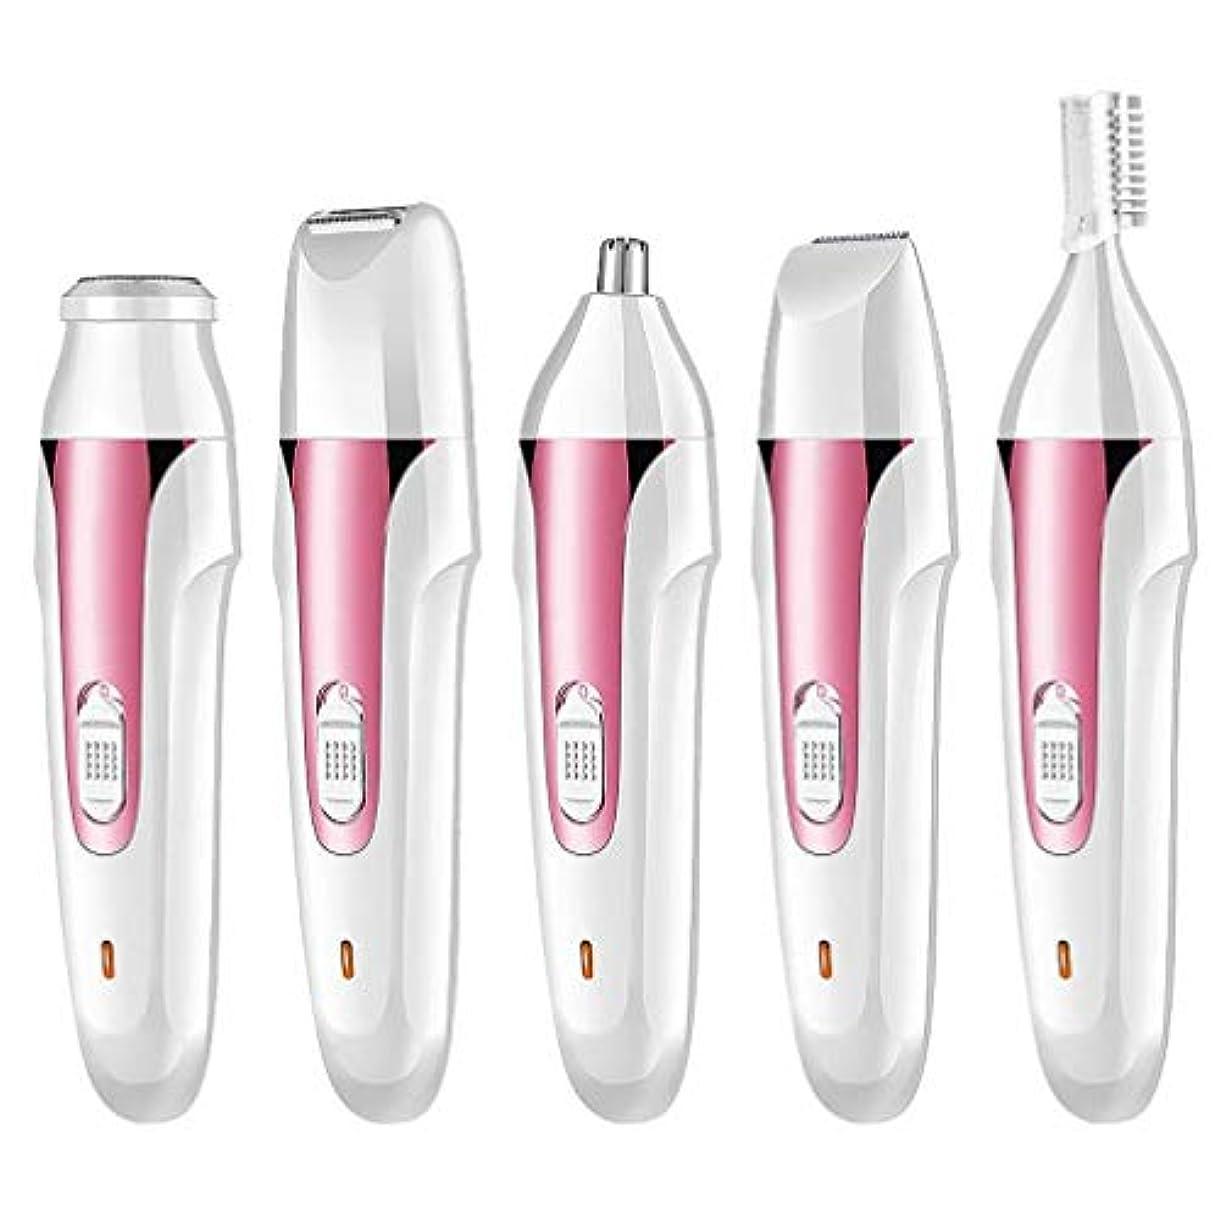 エレクトロニック観客ペストリー電動鼻毛トリマー - USB充電器、電動脱毛器具、シェービングナイフ、リップヘア、眉毛形削りナイフ、5つ1つ、ユニセックス、 (Color : Pink)